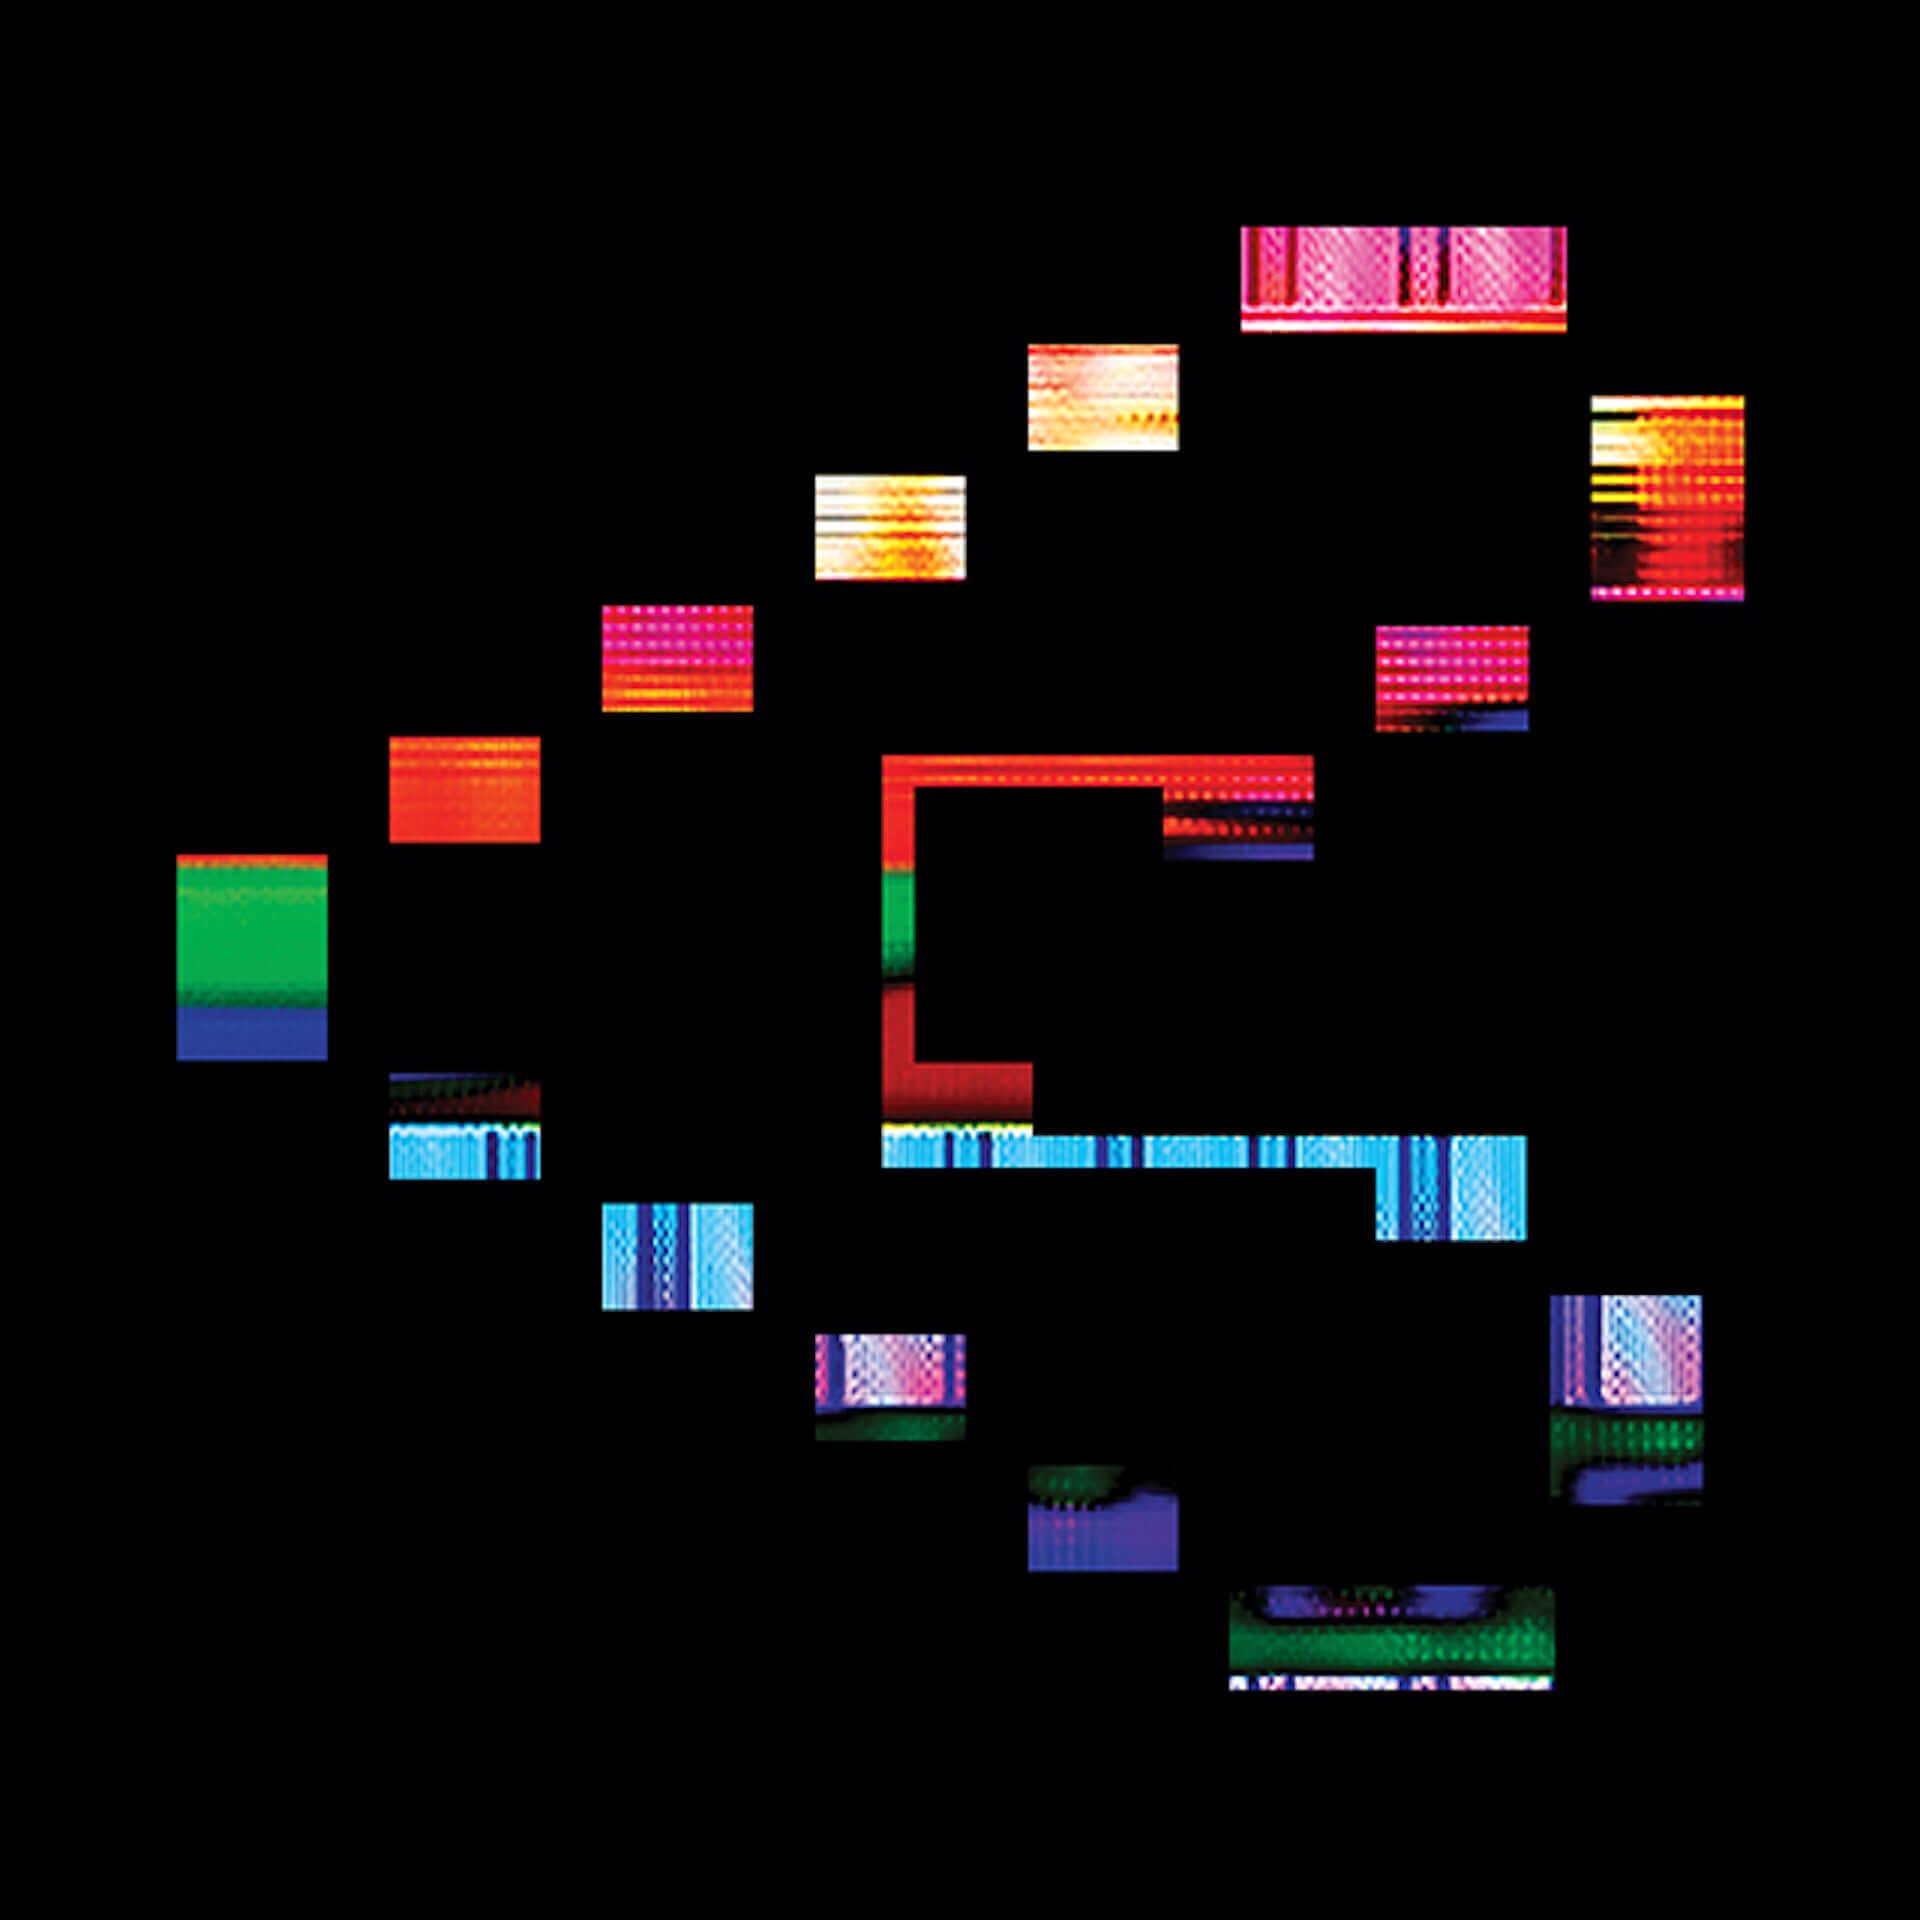 真鍋大度、清水憲一郎が手掛けたSquarepusherのMV『Terminal Slam』が「アルス・エレクトロニカ賞2020」栄誉賞を受賞! music200616_squarepusher_7-1920x1920